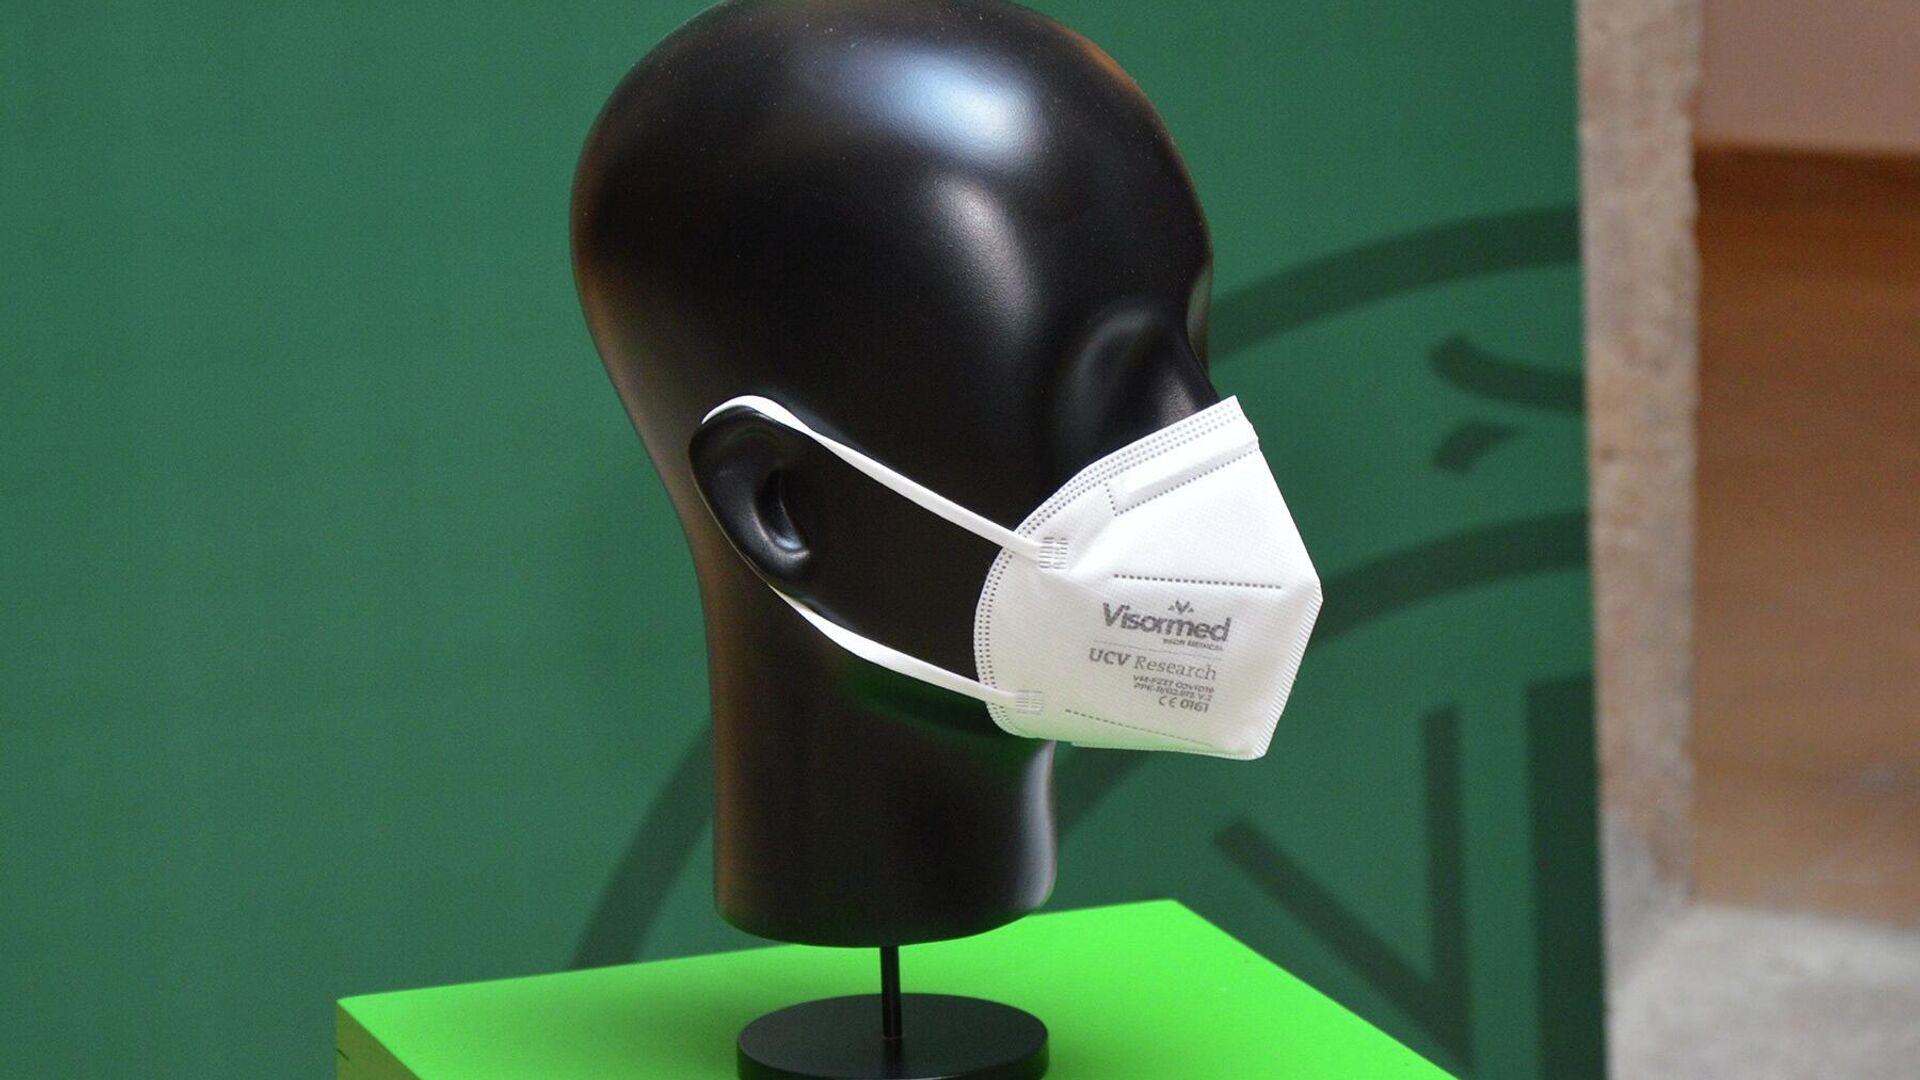 FFPcovid Mask, la mascarilla inteligente de diseño y fabricación valencianas - Sputnik Mundo, 1920, 07.05.2021